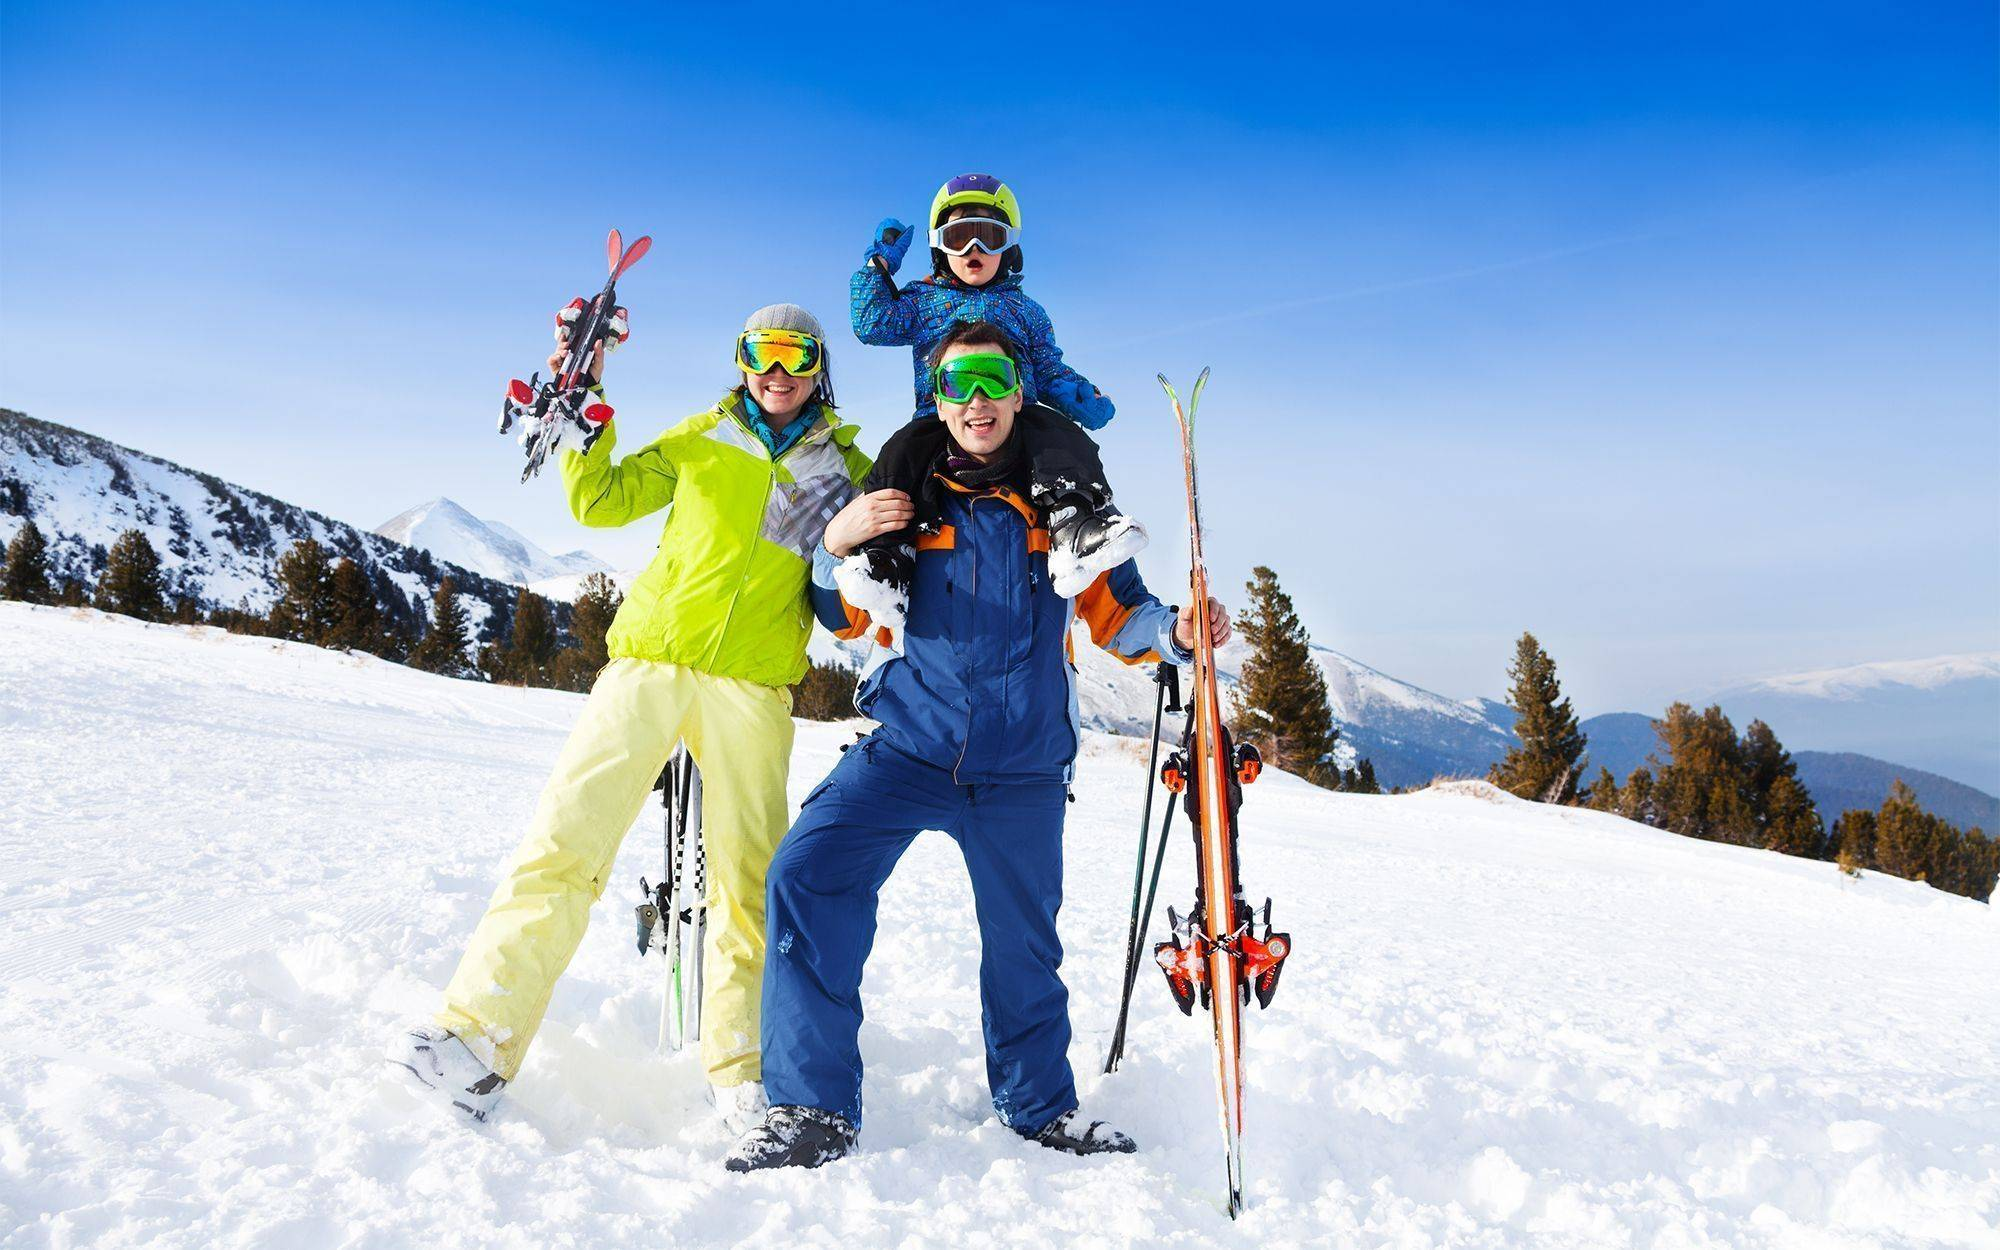 滑雪讓你的人生更豐富